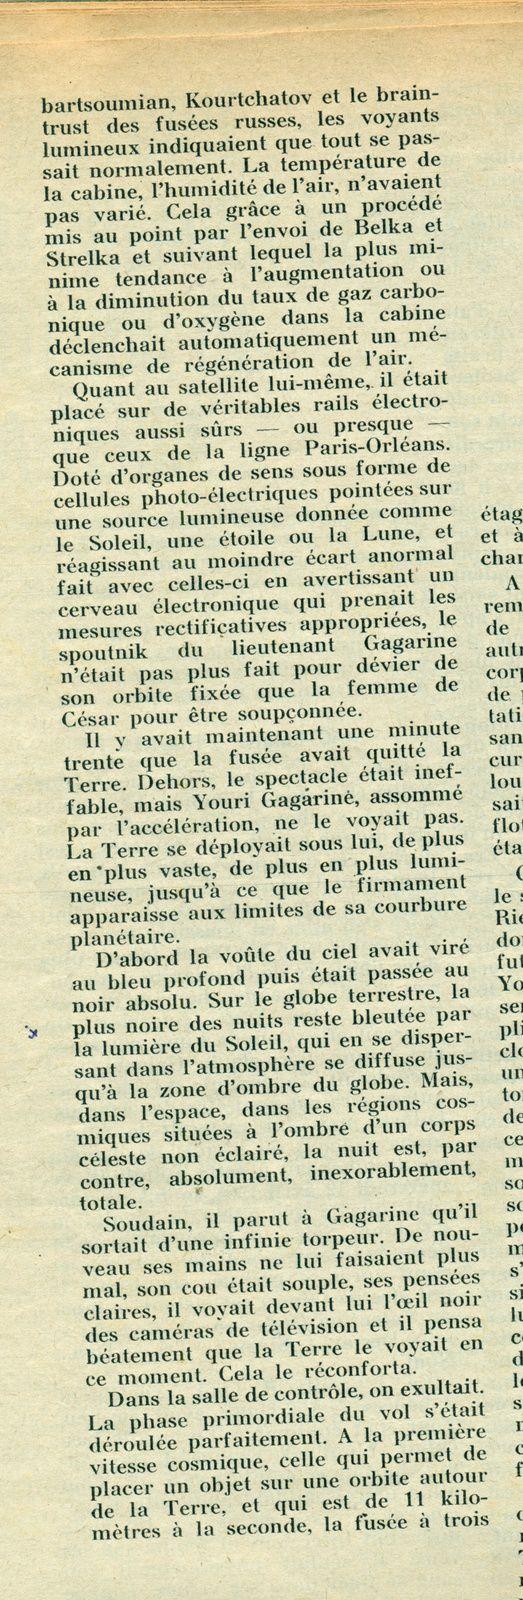 Paris Match 22 avril 1961page 62